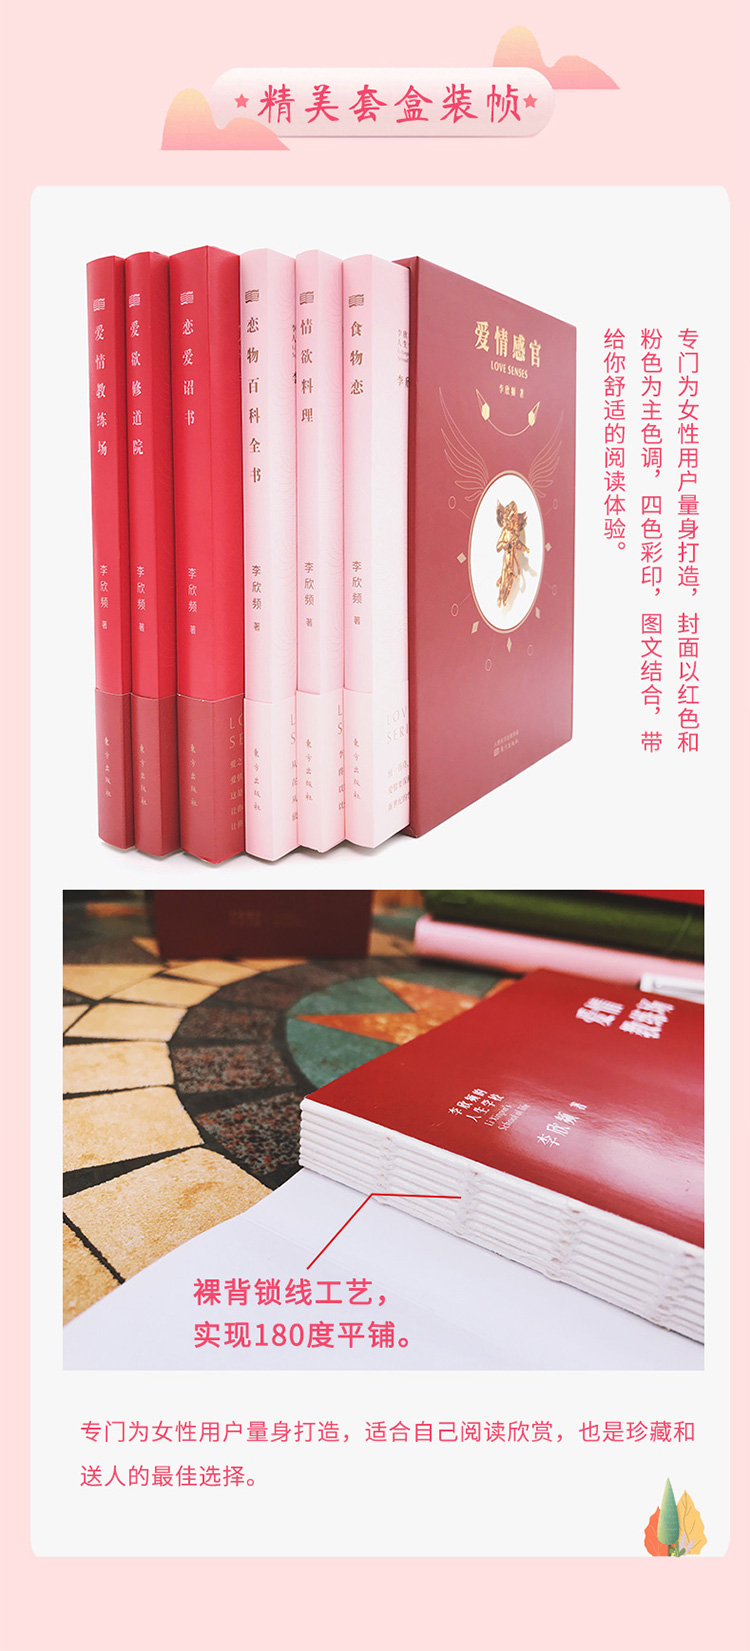 愛情感官(全六册)愛情教練场+愛欲修道院+恋愛詔書+情欲料理+食物恋+恋物百科全書